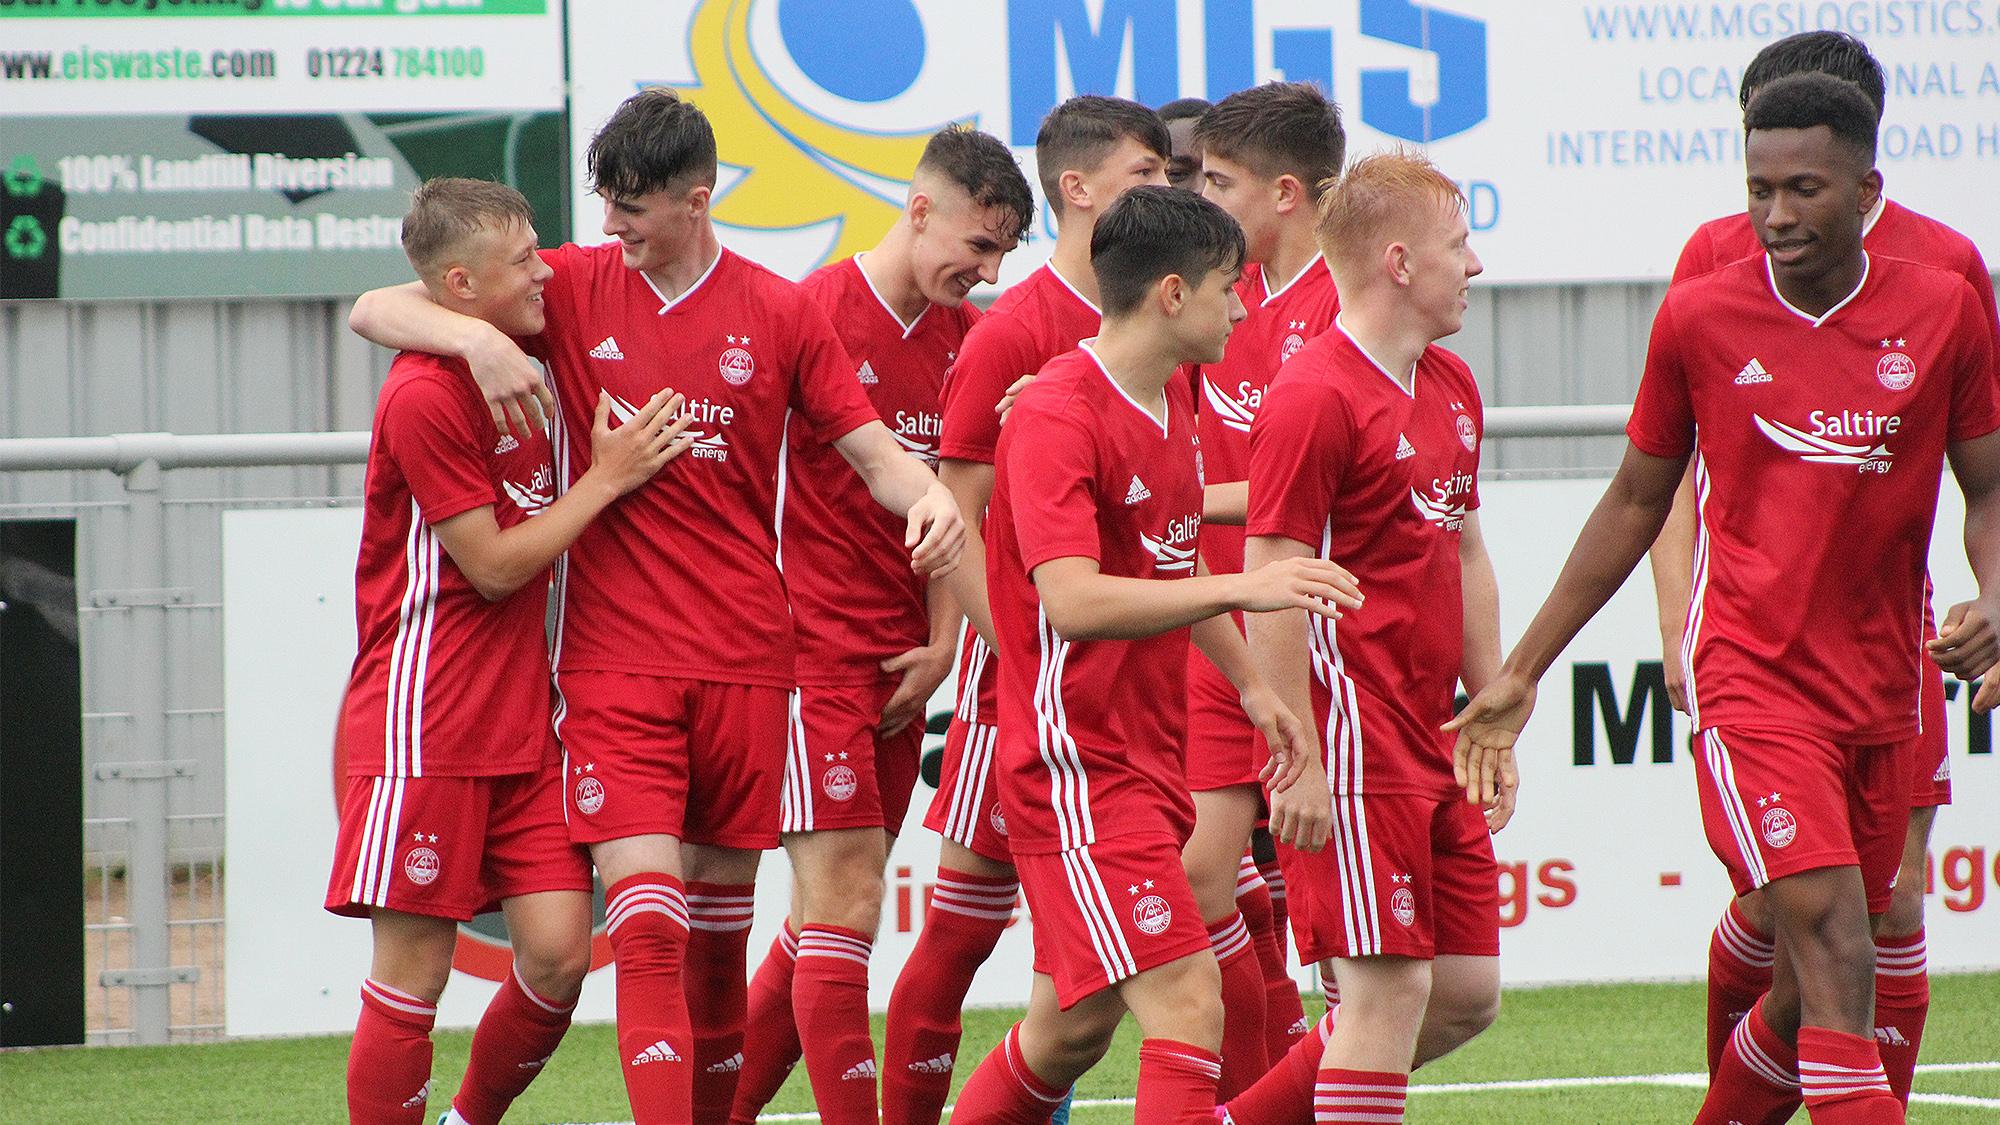 U18s | Kilmarnock v Aberdeen